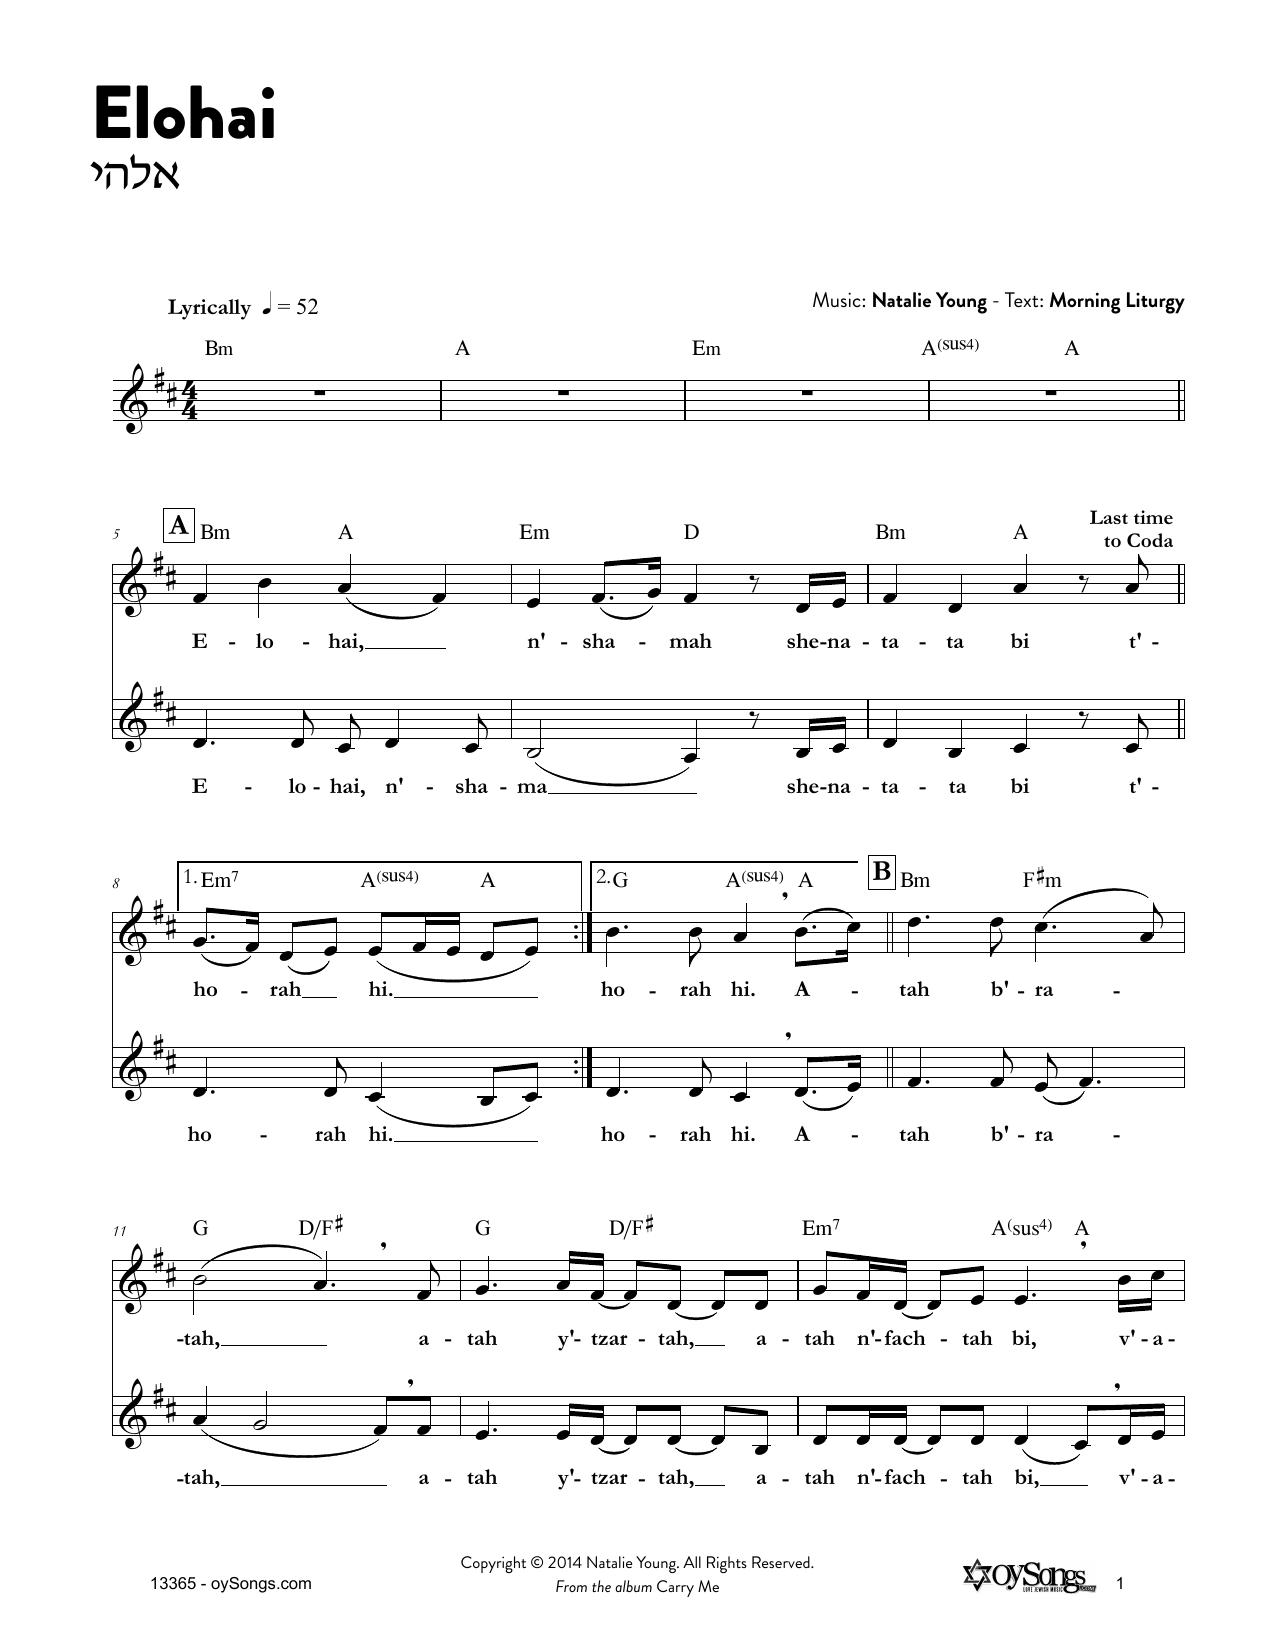 Elohai Sheet Music